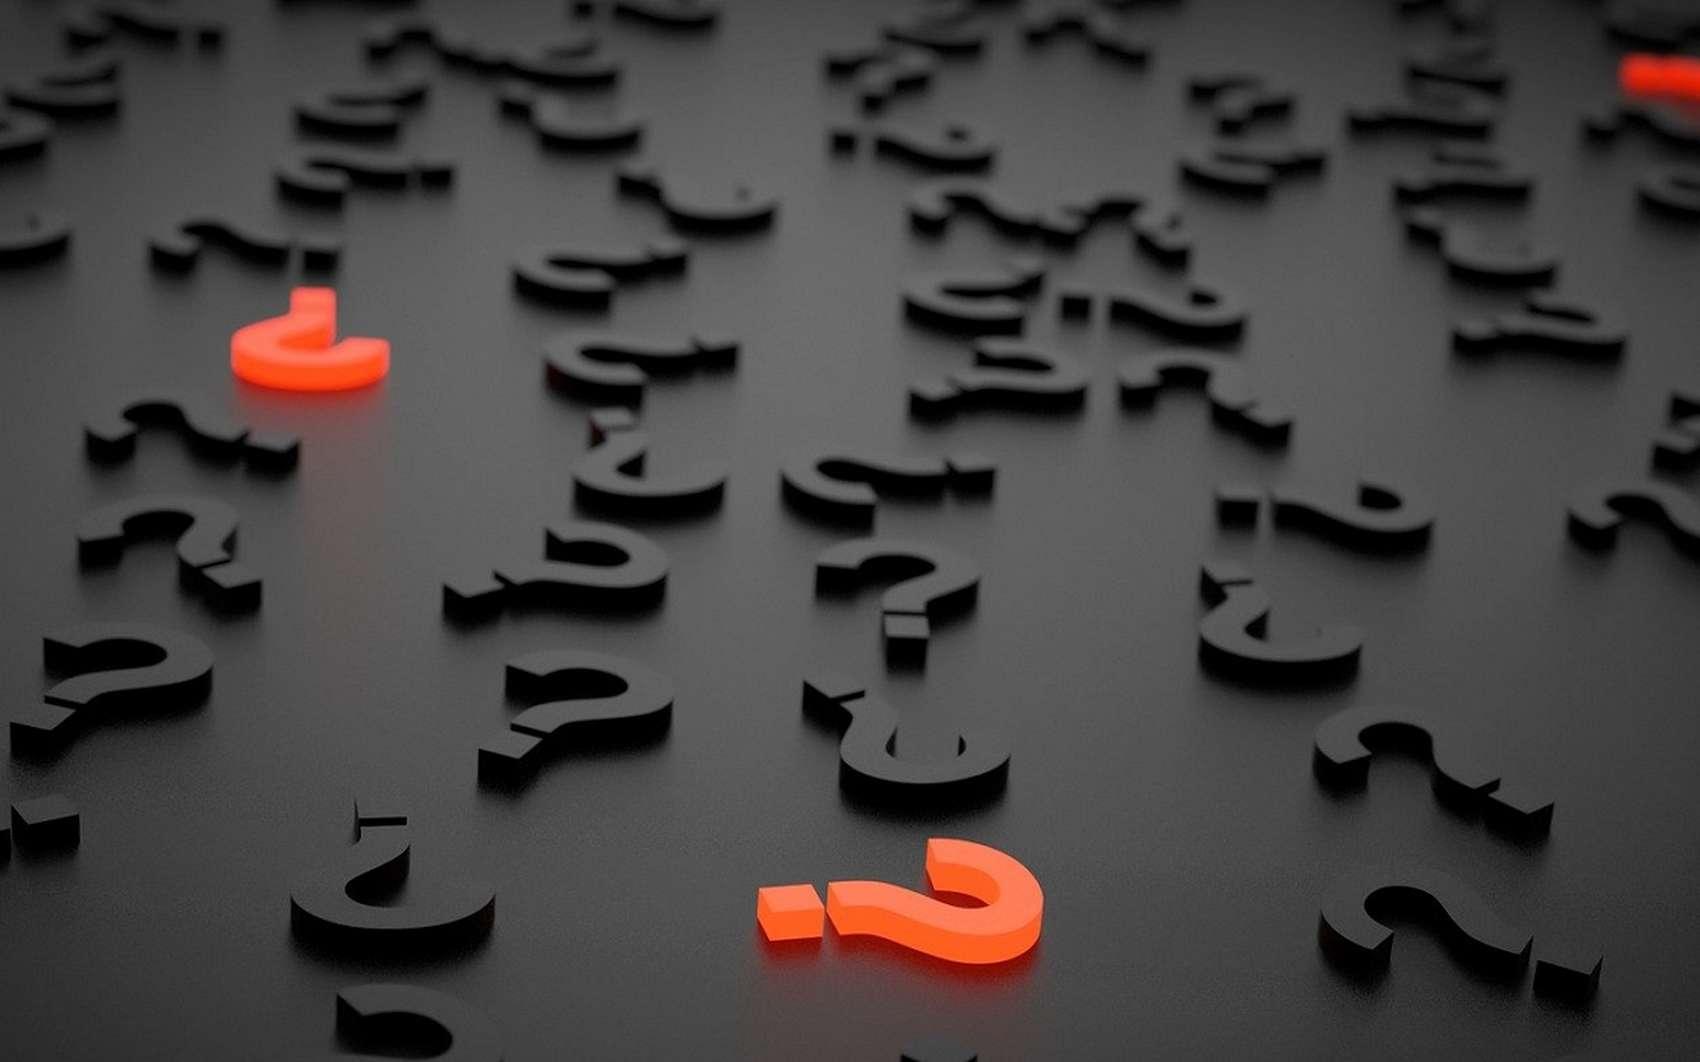 Une requête informatique est une question posée à une base de données. © Pixabay.com